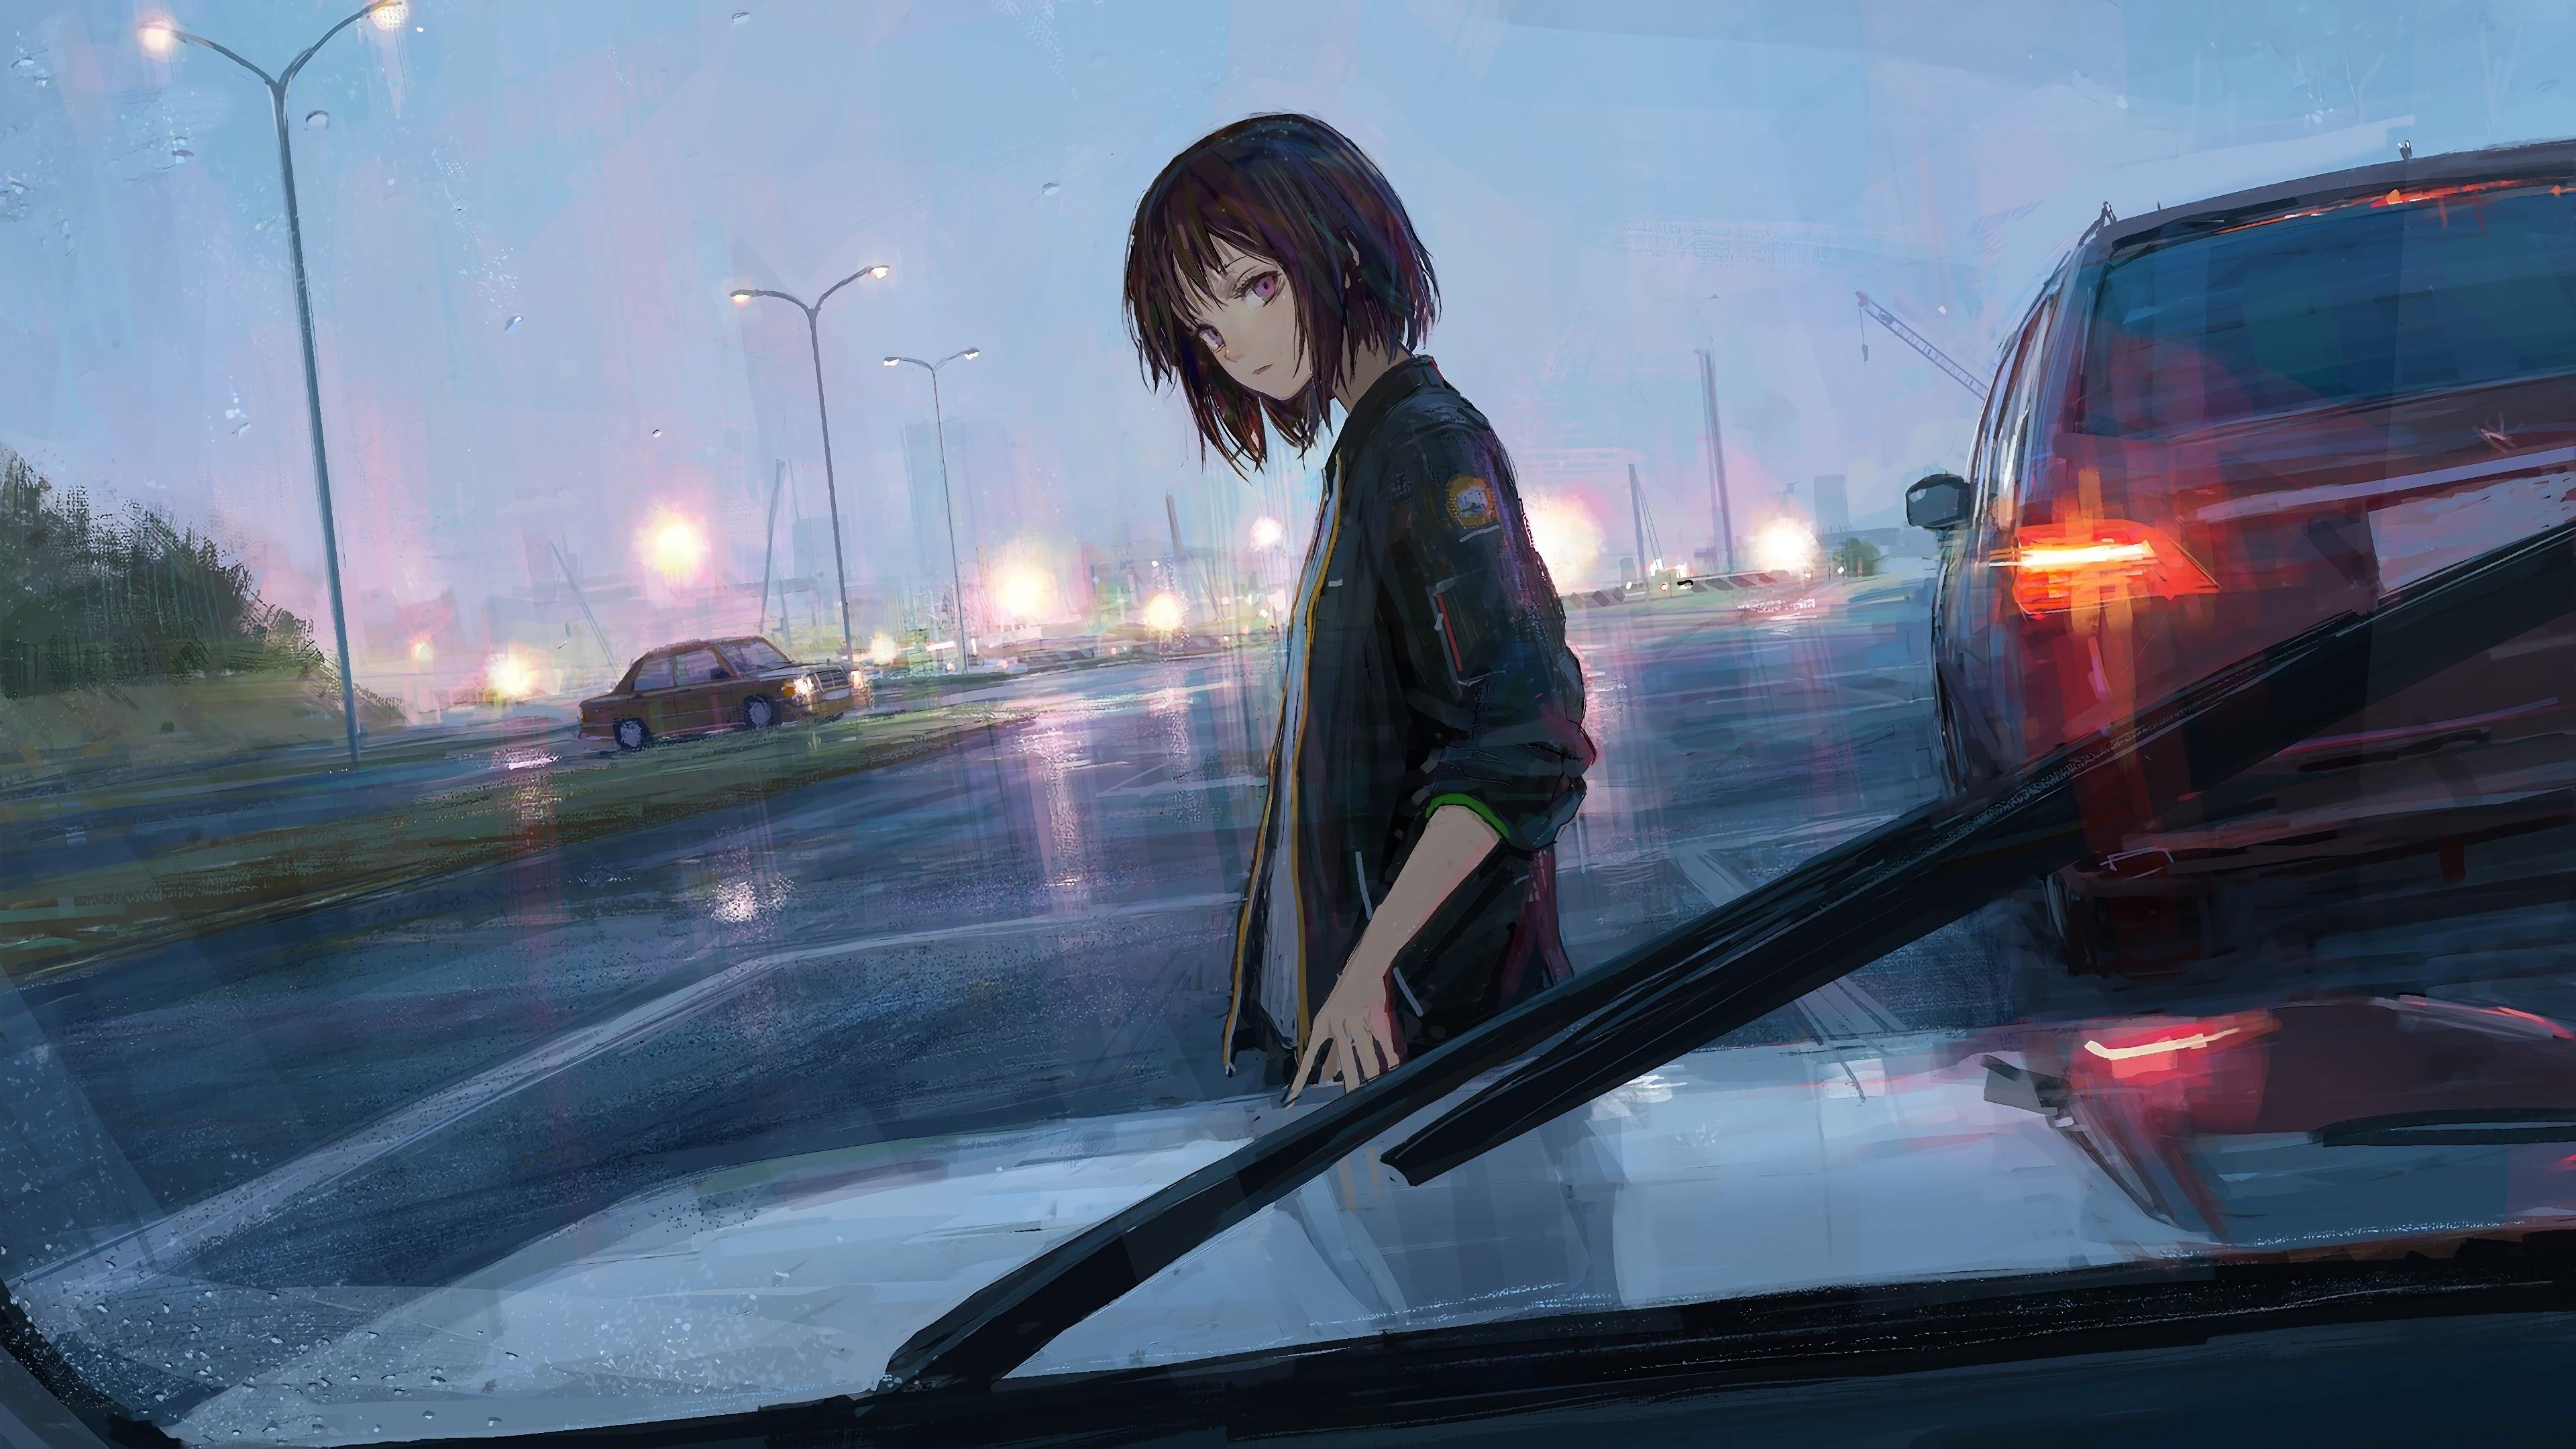 Anime Girl Cars 4K Wallpaper 69 3840x2160